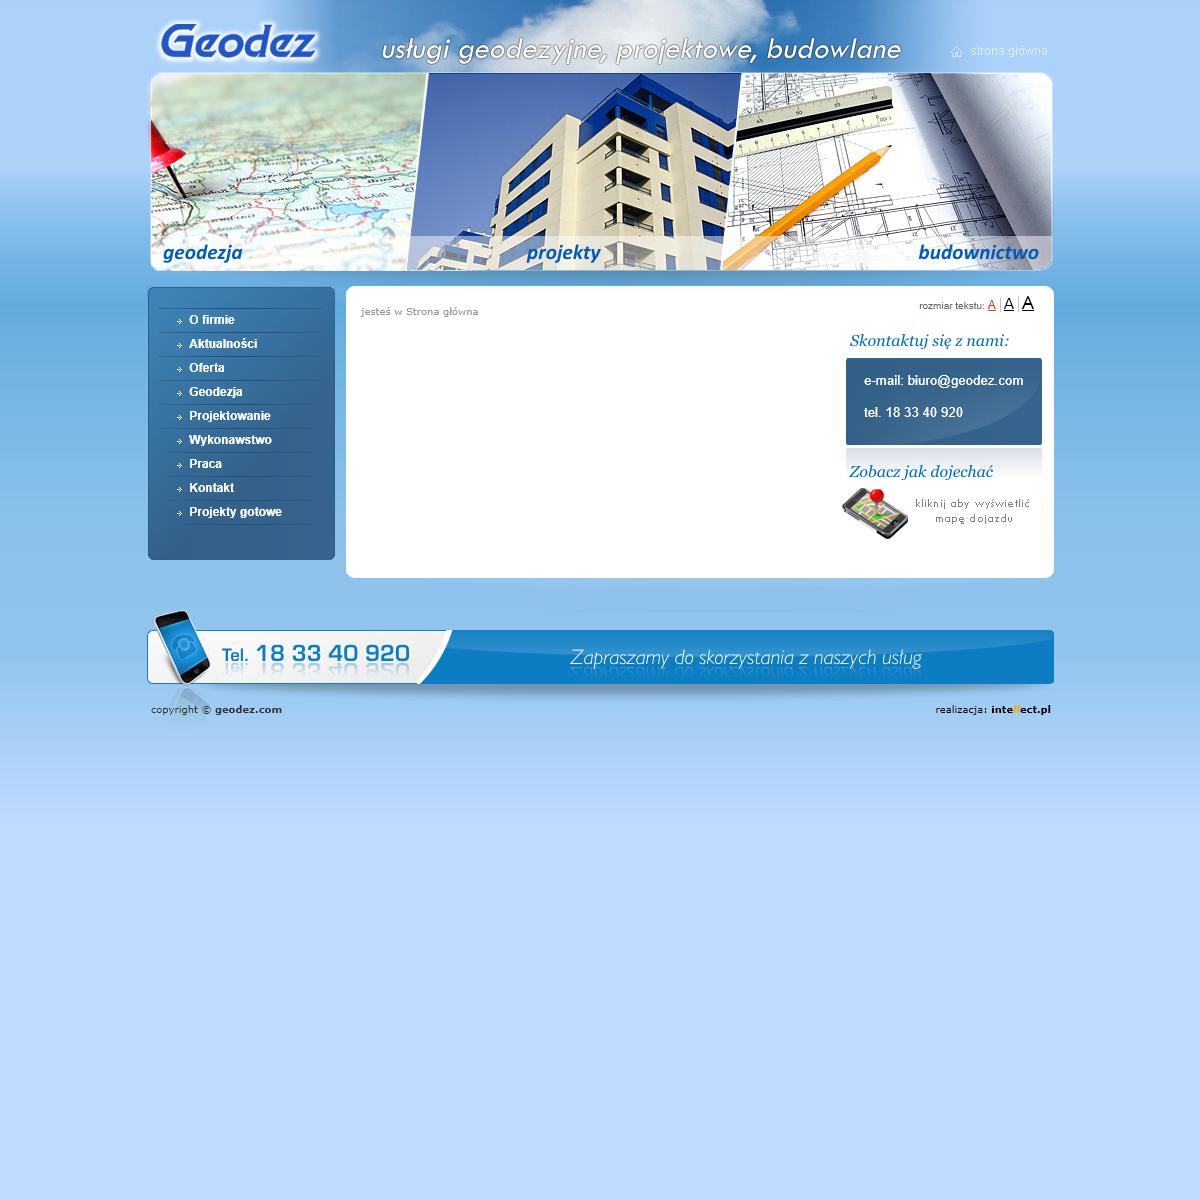 Geodez - usługi geodezyjne, projektowe, budowlane